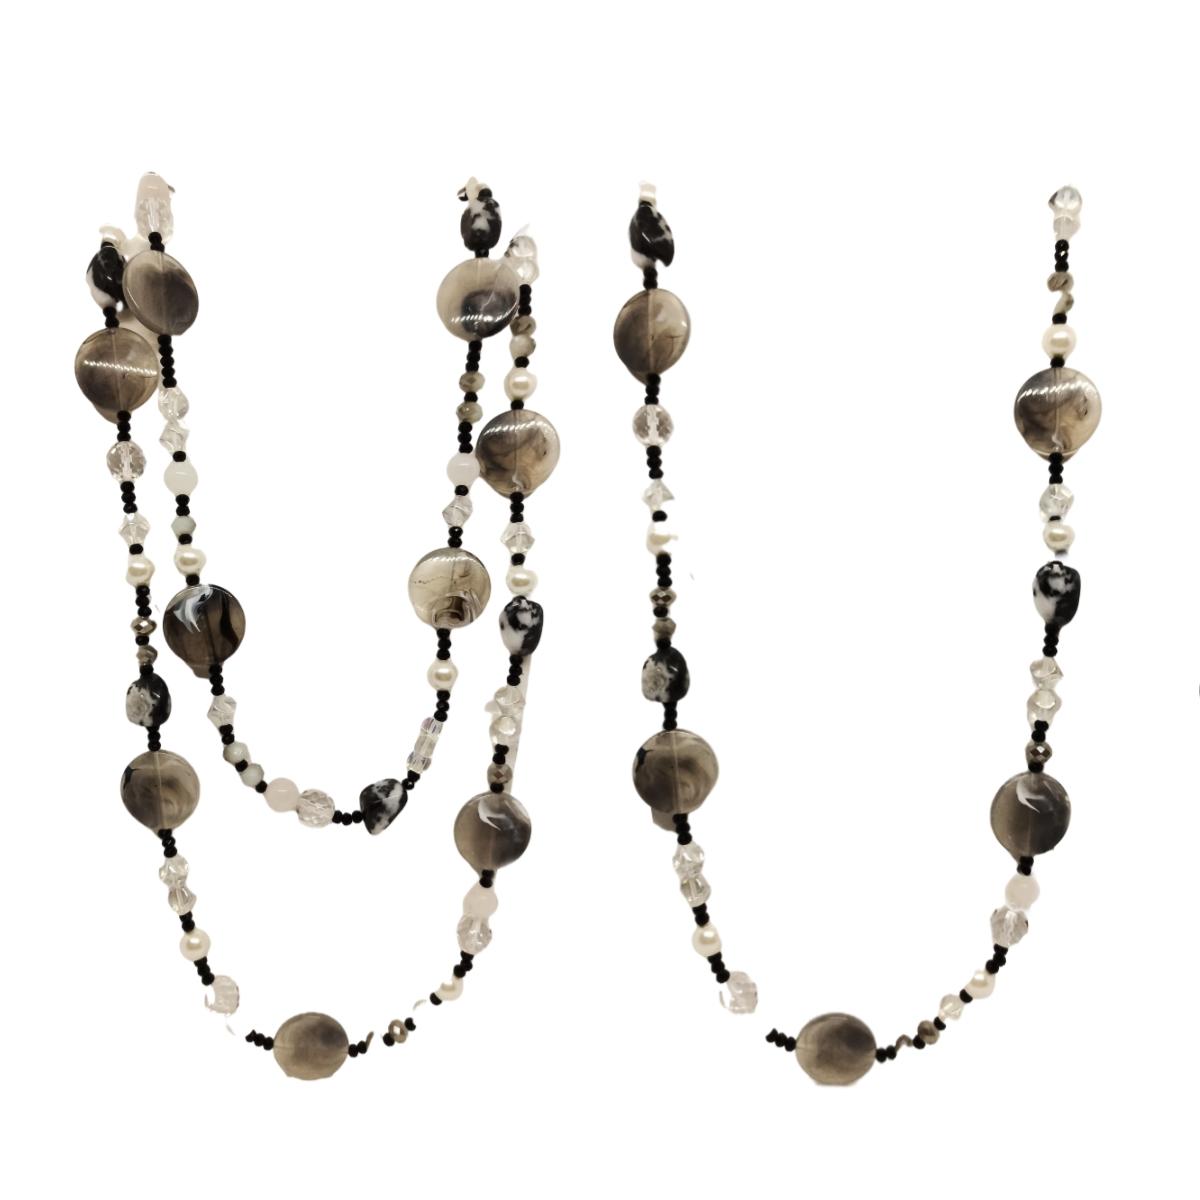 Colar com Pedras Naturais, Cristais e Resina, 1 ou 2 Voltas.